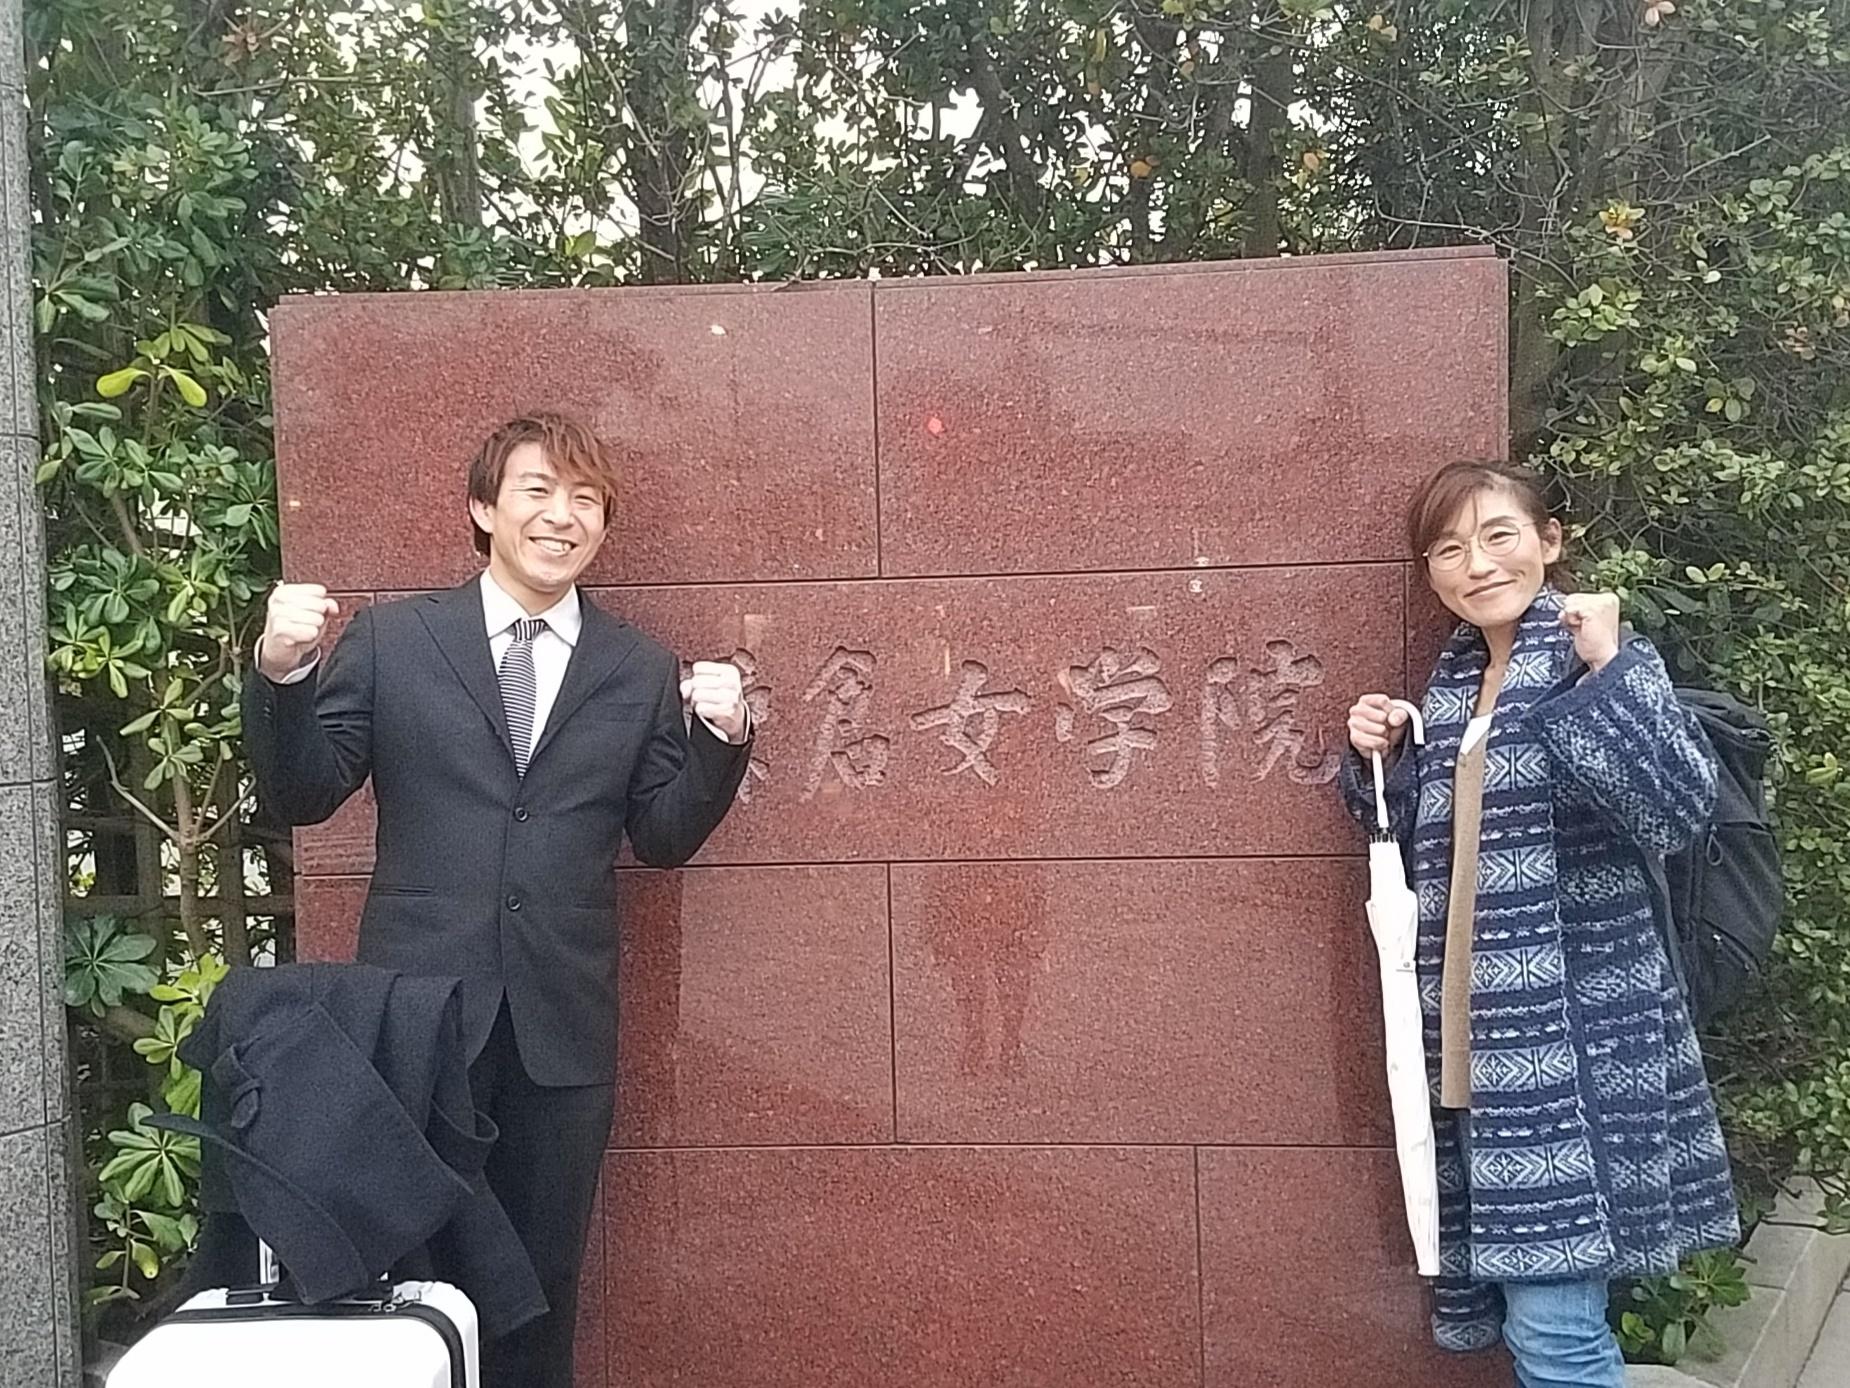 【体育の授業】鎌倉女学院中等部・学校バーチャルボクシング®130分×2クラス